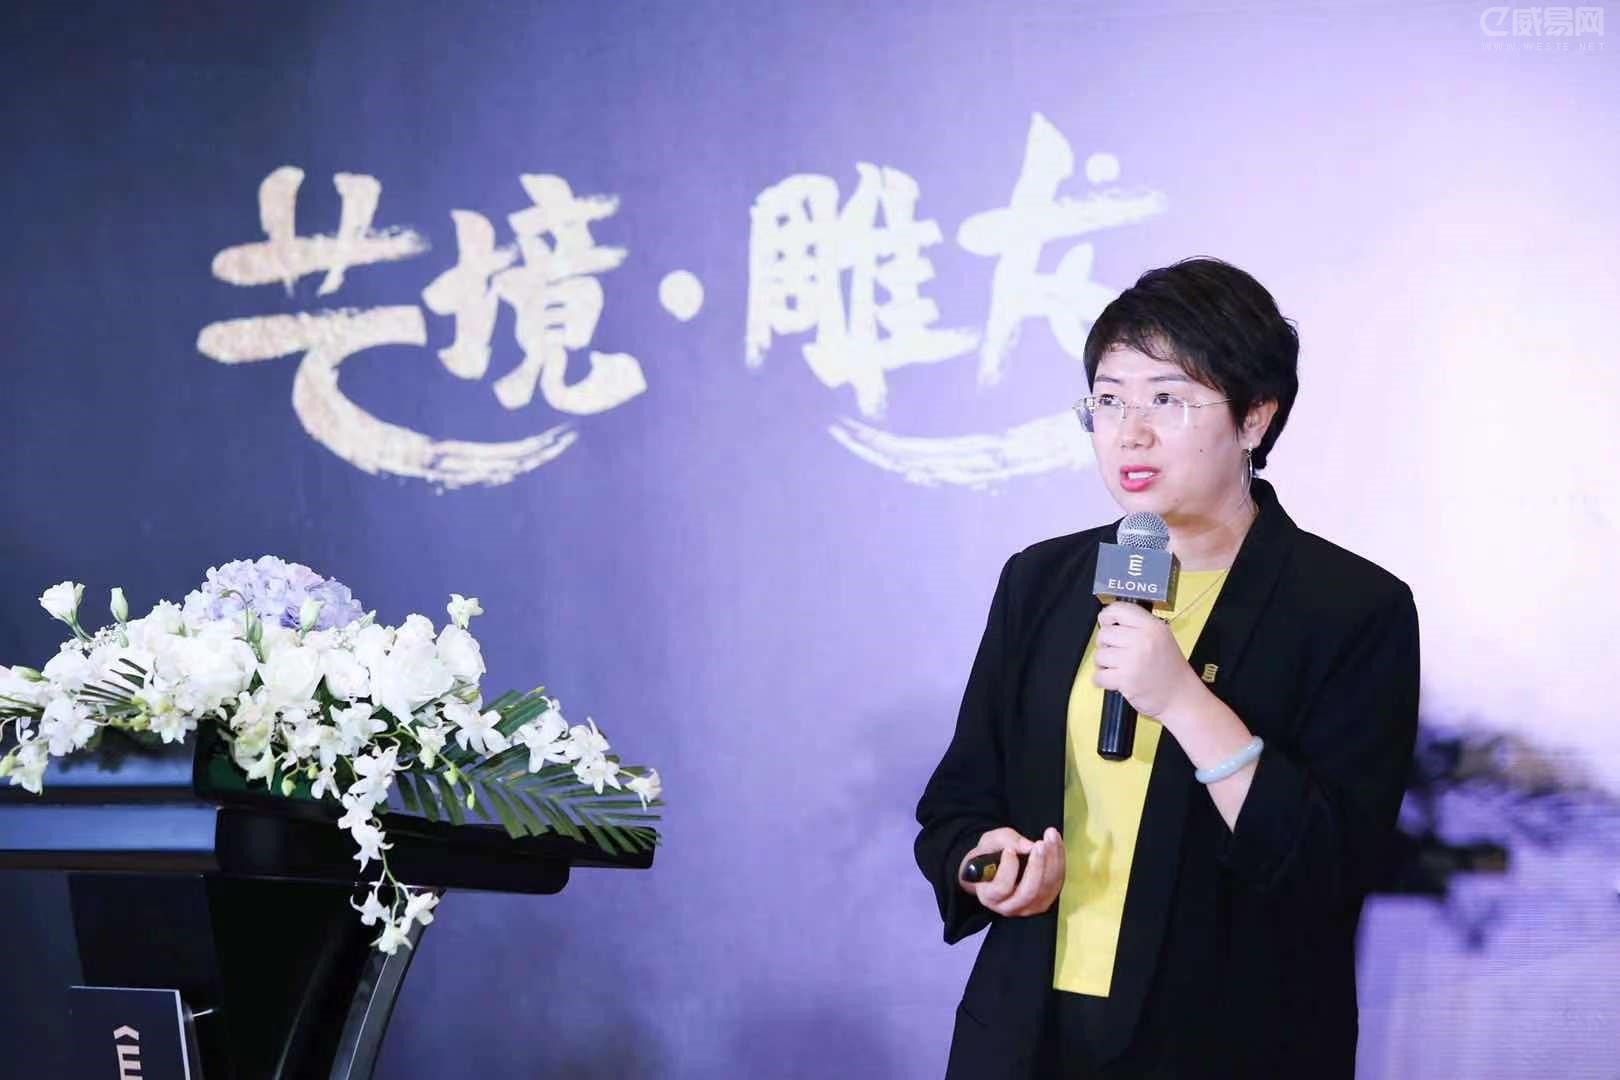 艺龙酒店首家旗舰店开业,打造互联网住